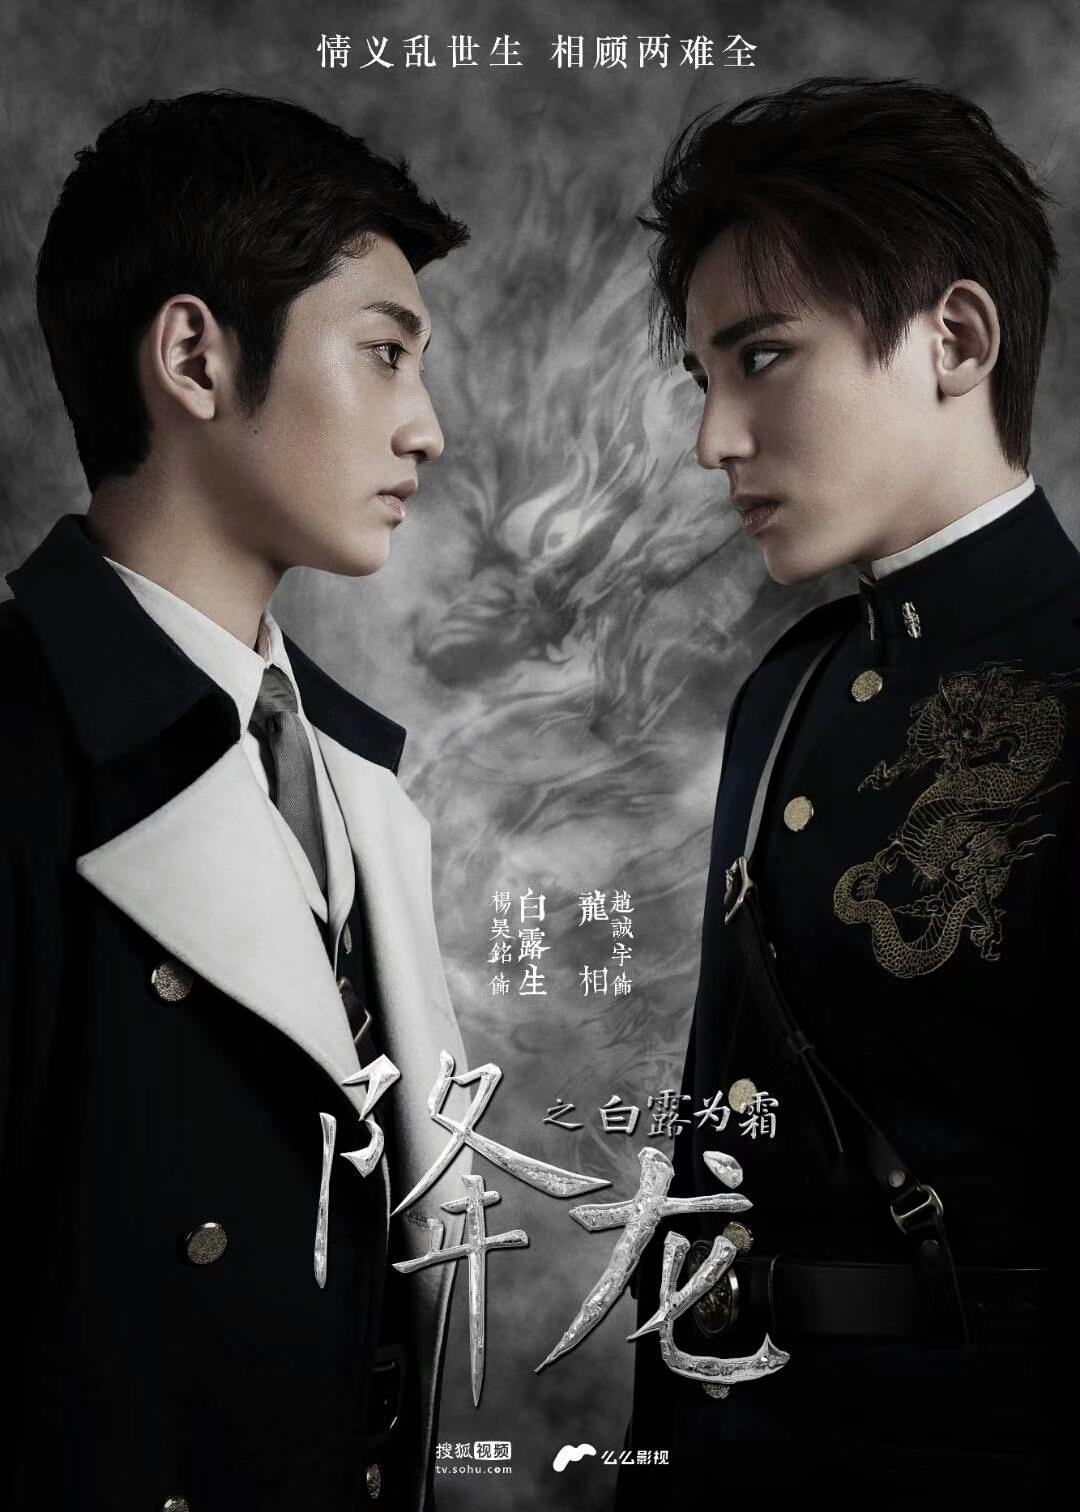 Xem Phim Giáng Long Chi Bạch Lộ Vi Sương - Taming Dragon